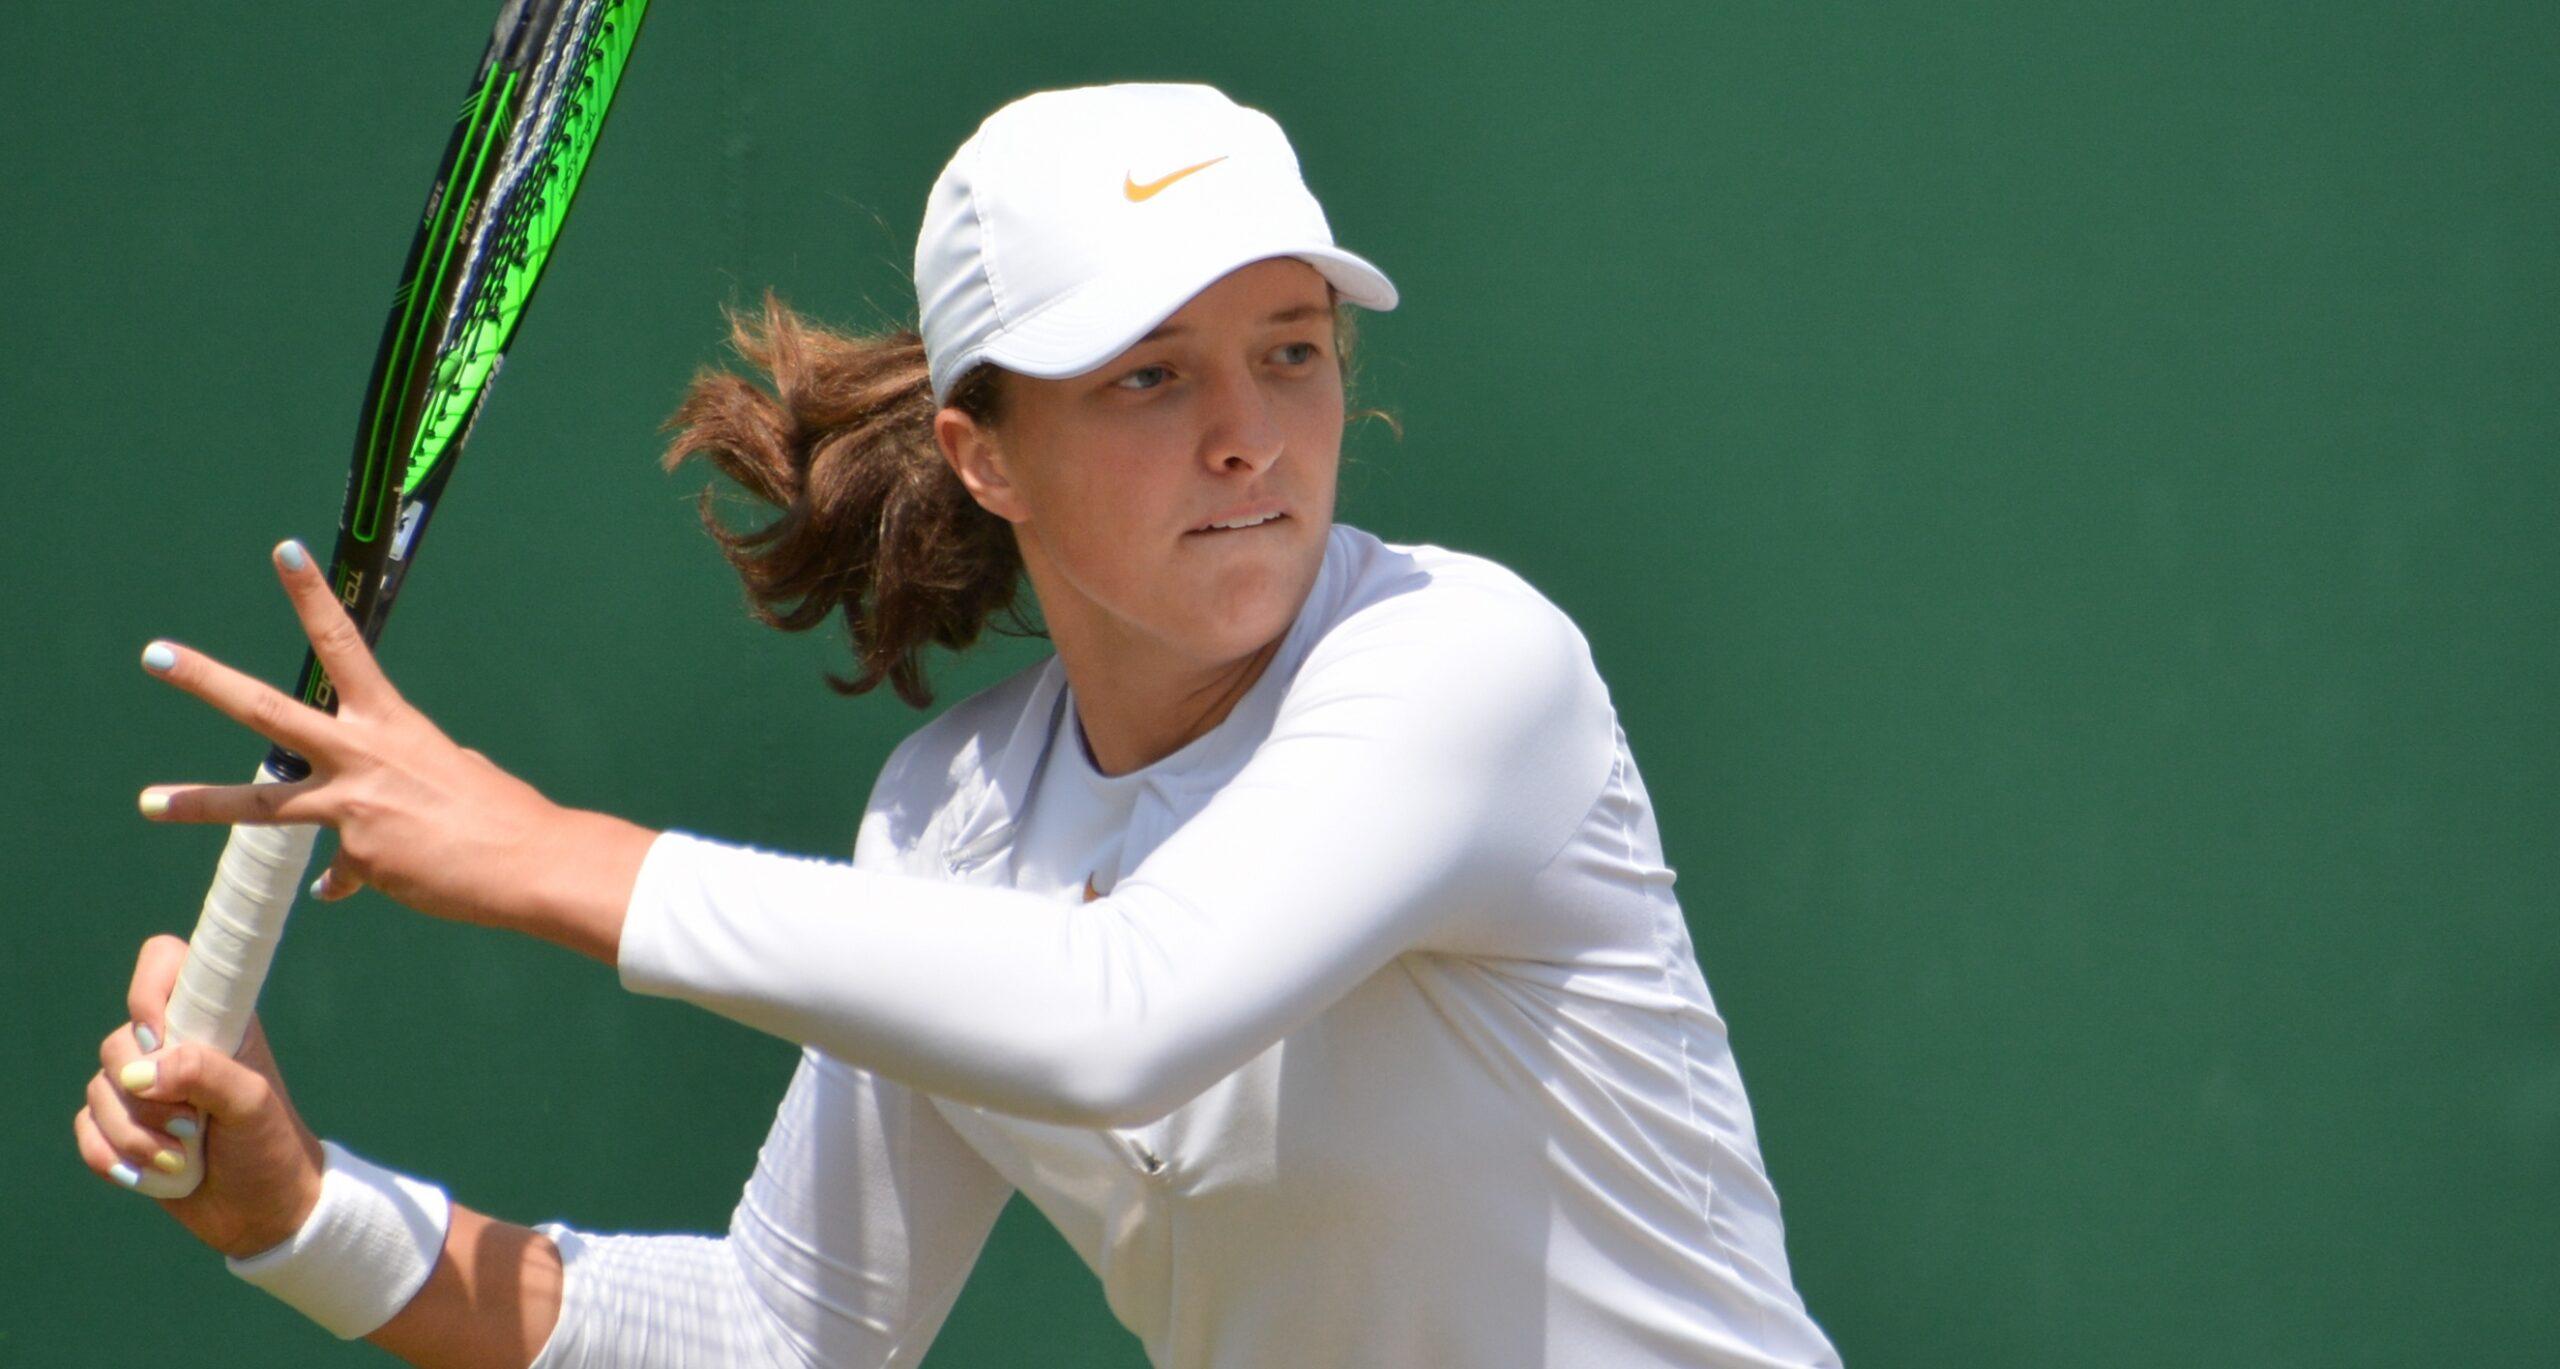 Wielki sukces na French Open. Iga Świątek i Mattek-Sands awansowały do ćwierćfinału debla